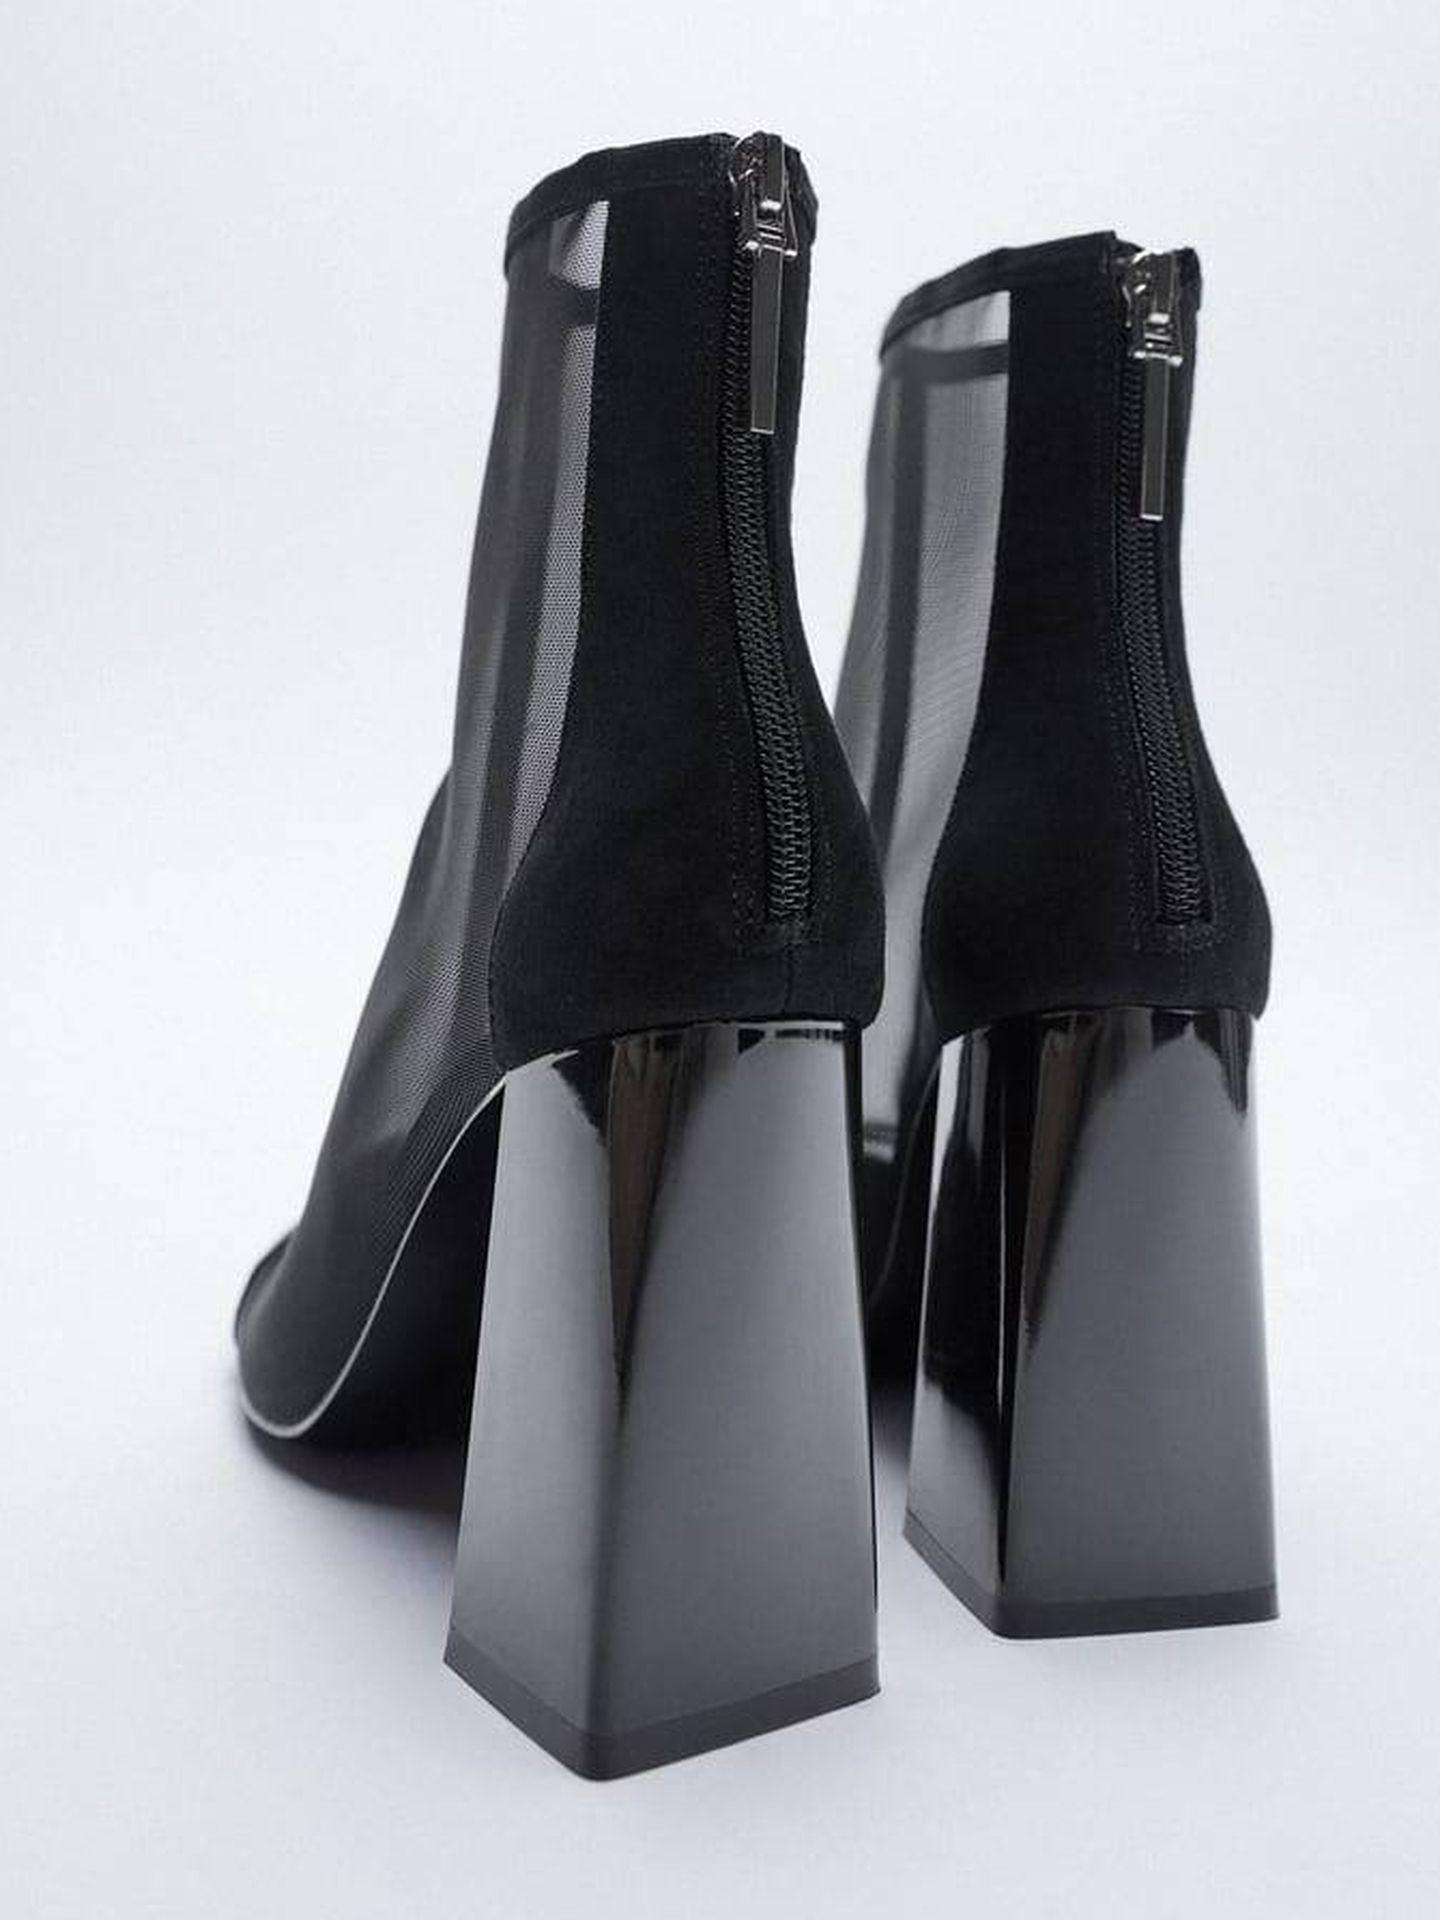 Botines negros de la nueva colección de Zara. (Cortesía)